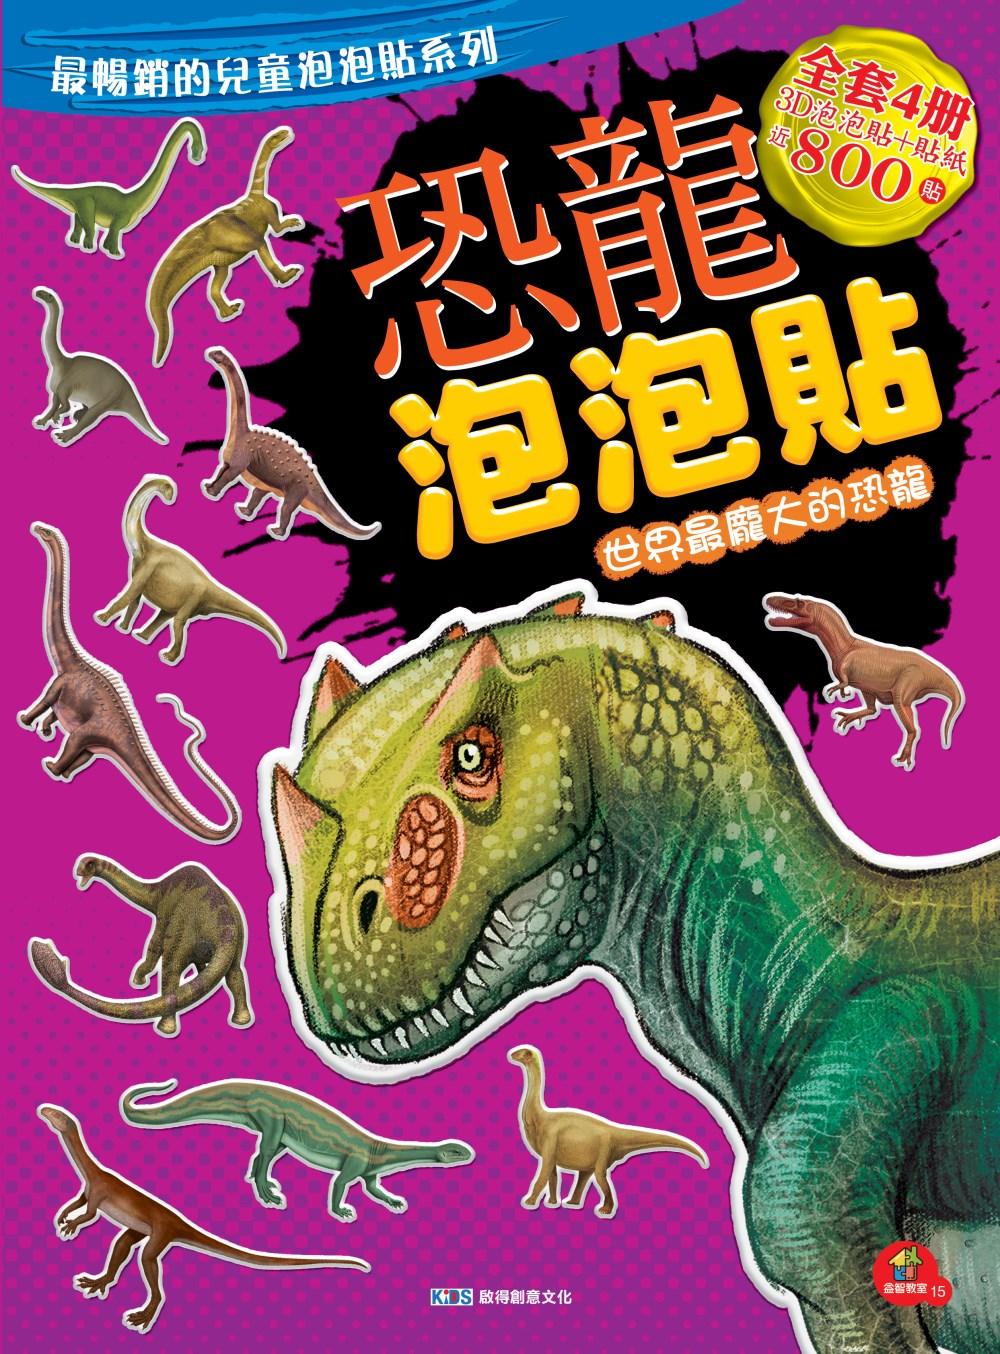 恐龍泡泡貼:世界最龐大的恐龍